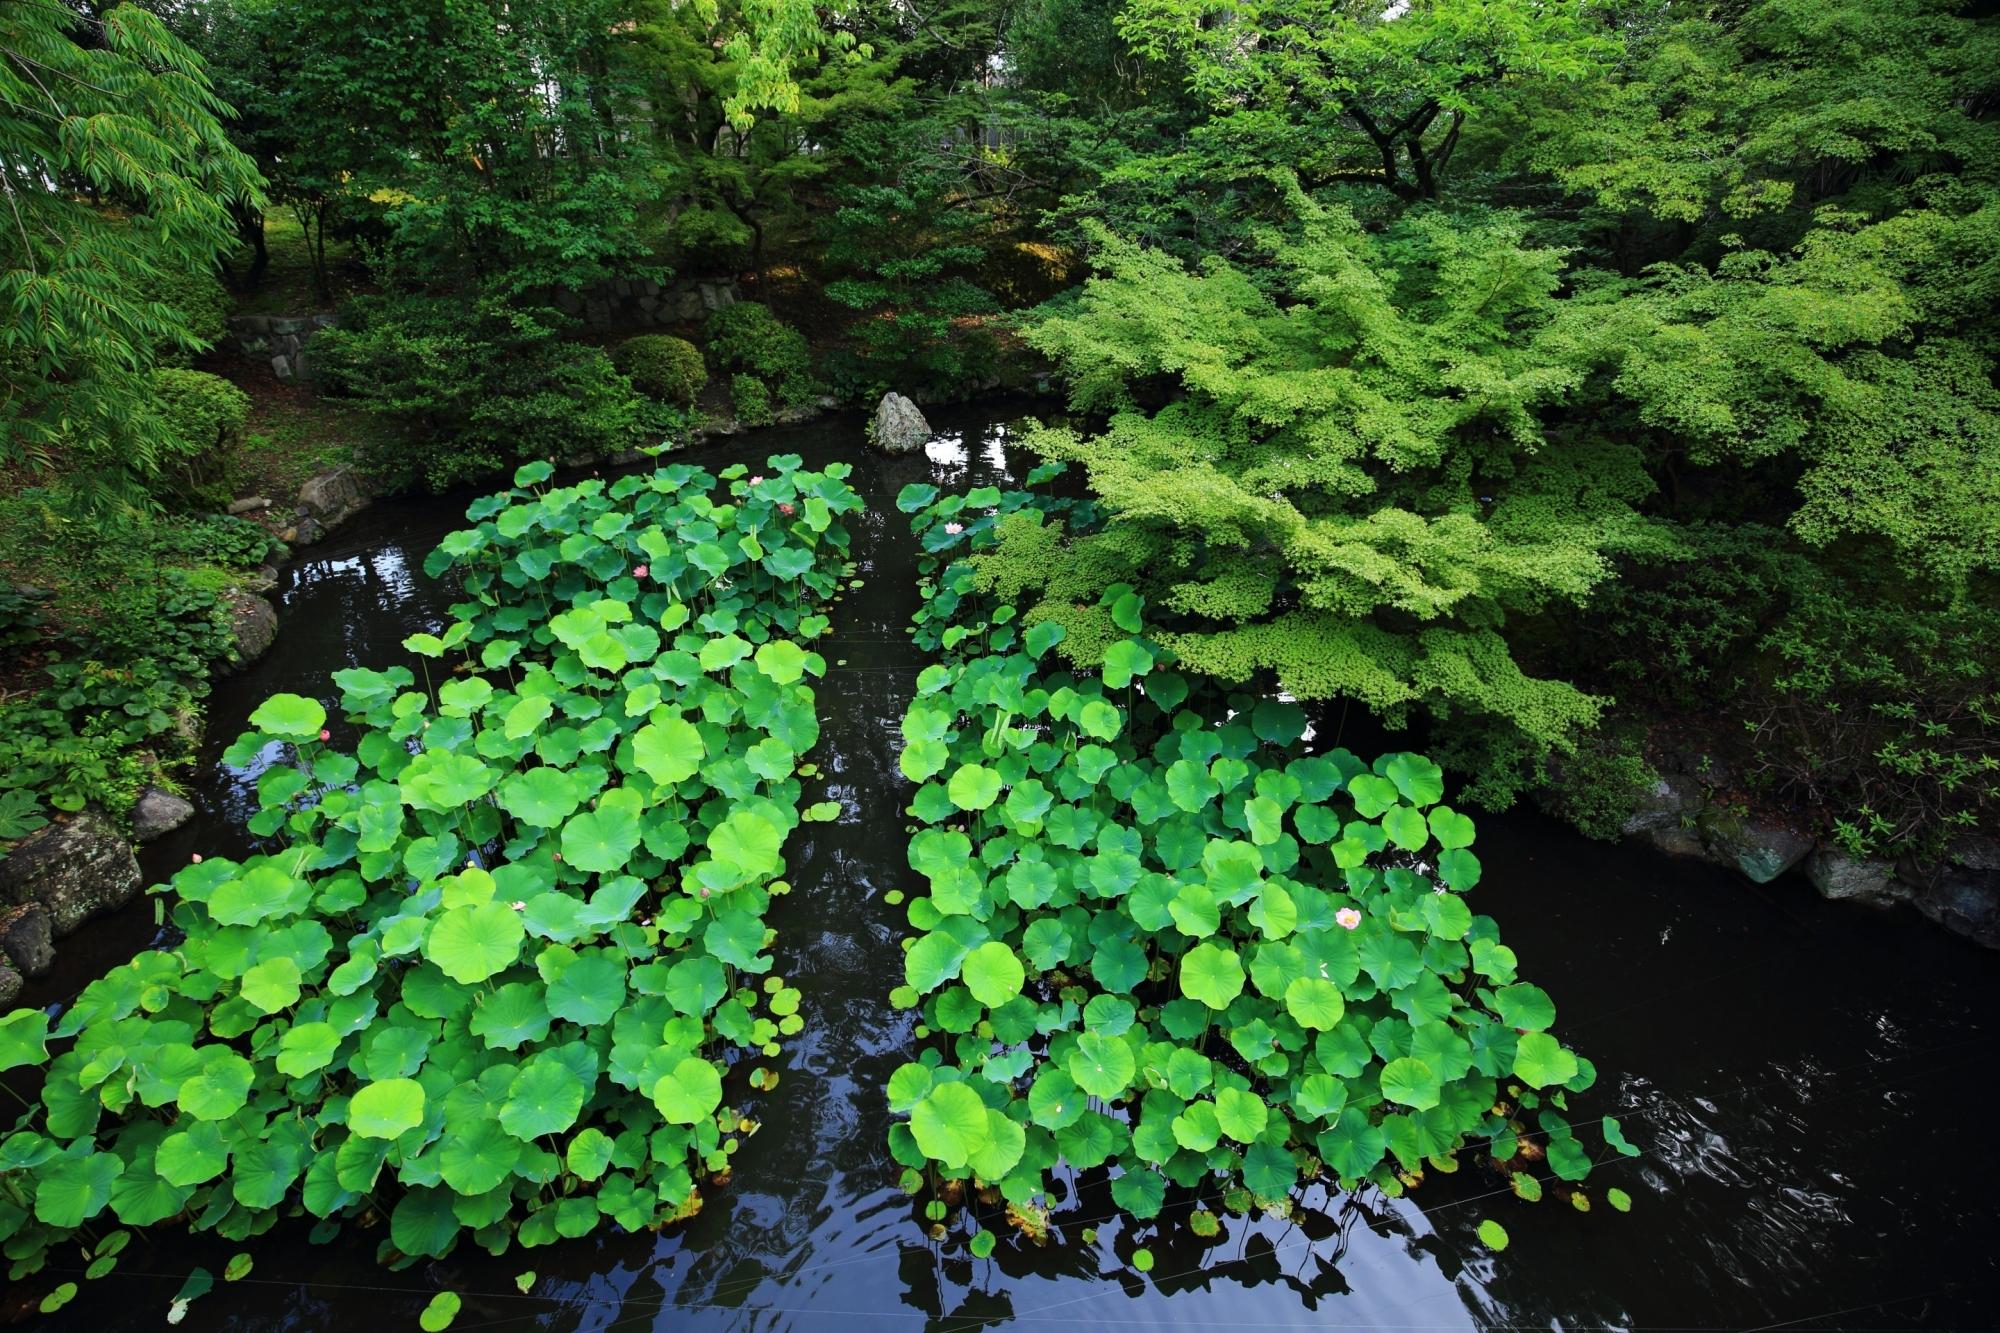 大谷本廟の円通橋から見下ろす緑が美しい皓月池(こうげついけ)